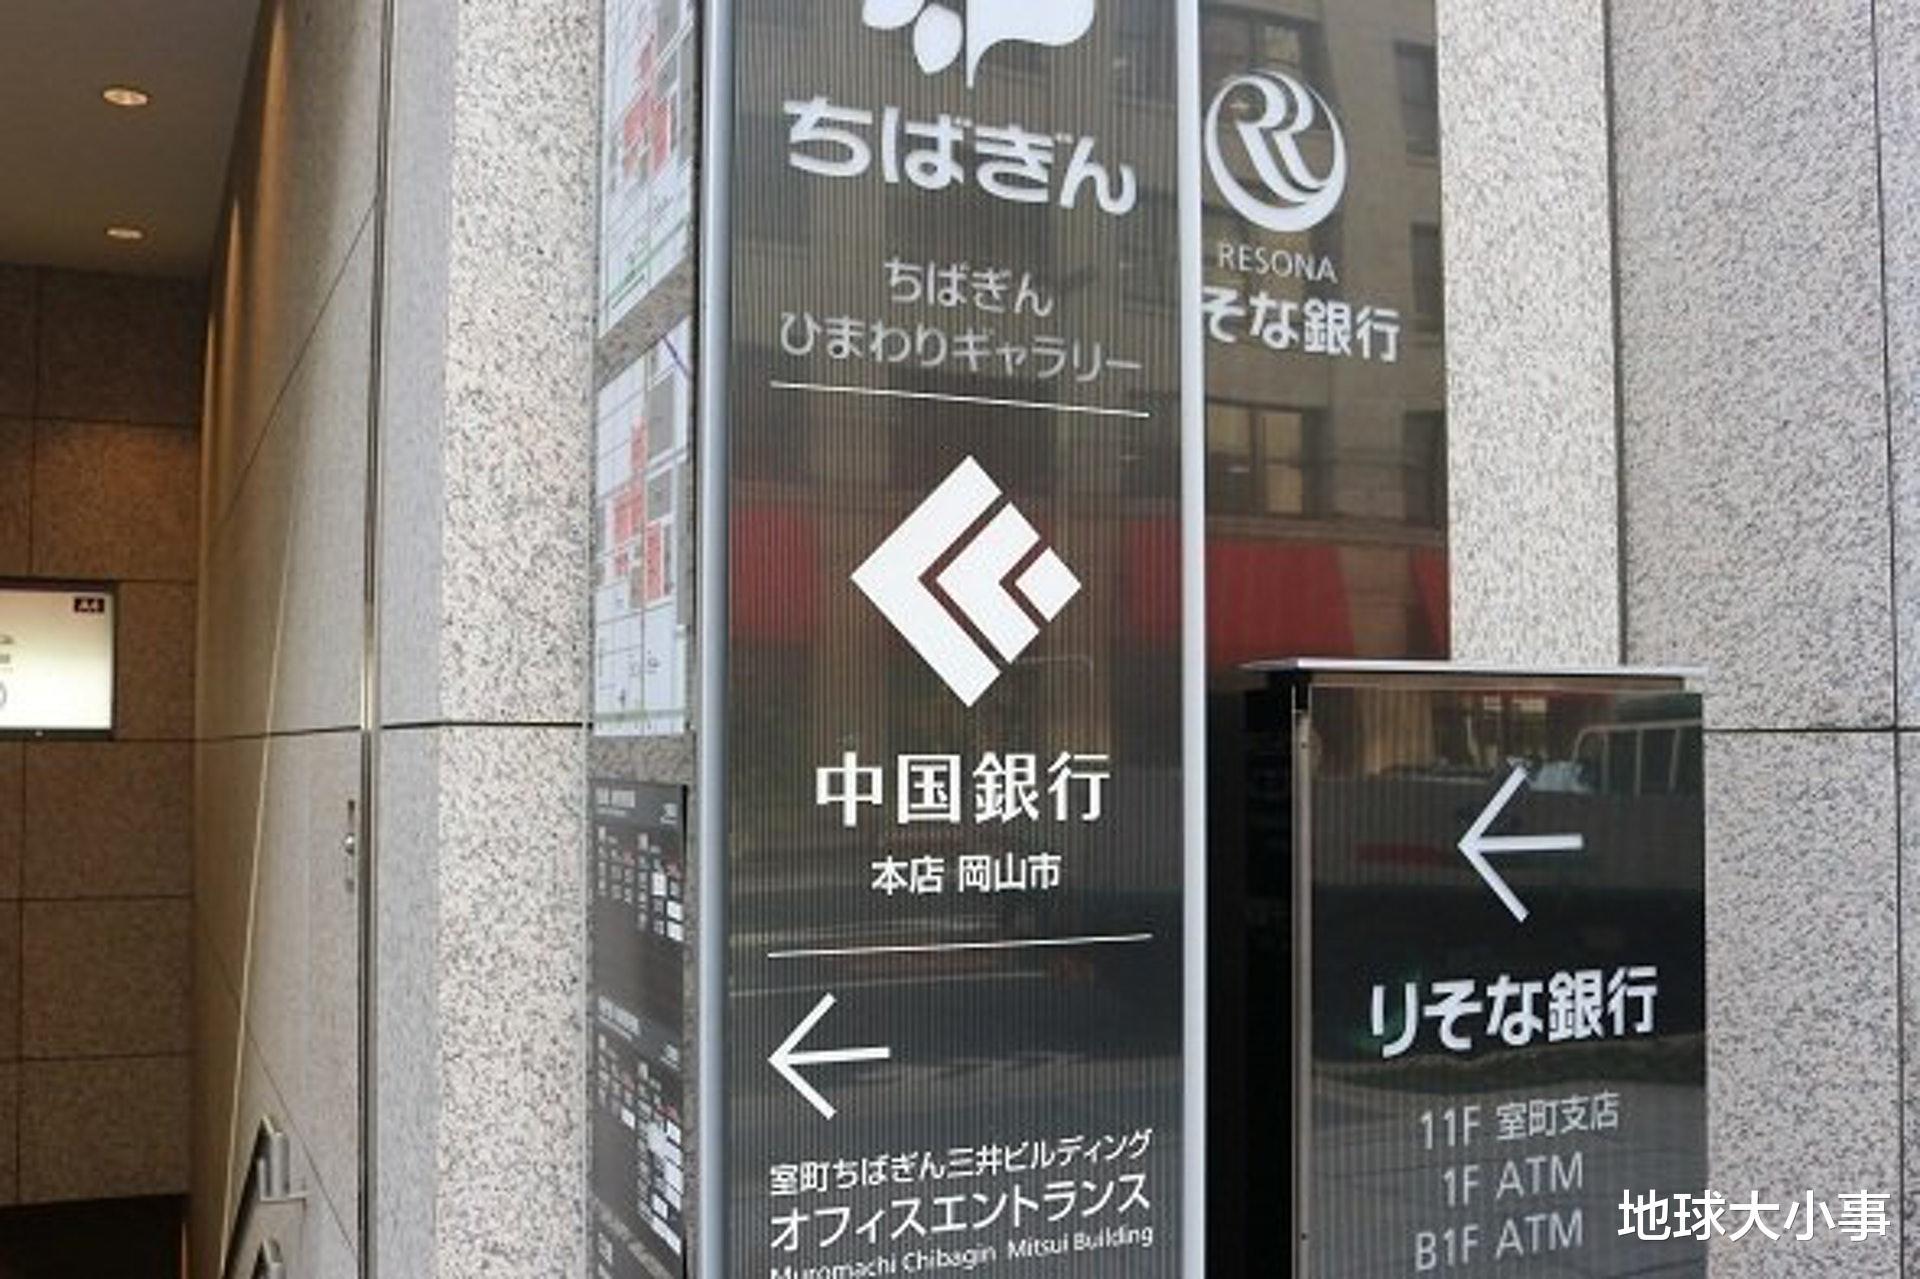 """日本也有""""中國銀行""""?簡體字告示稱與中國無關,網友:天大誤會-圖3"""